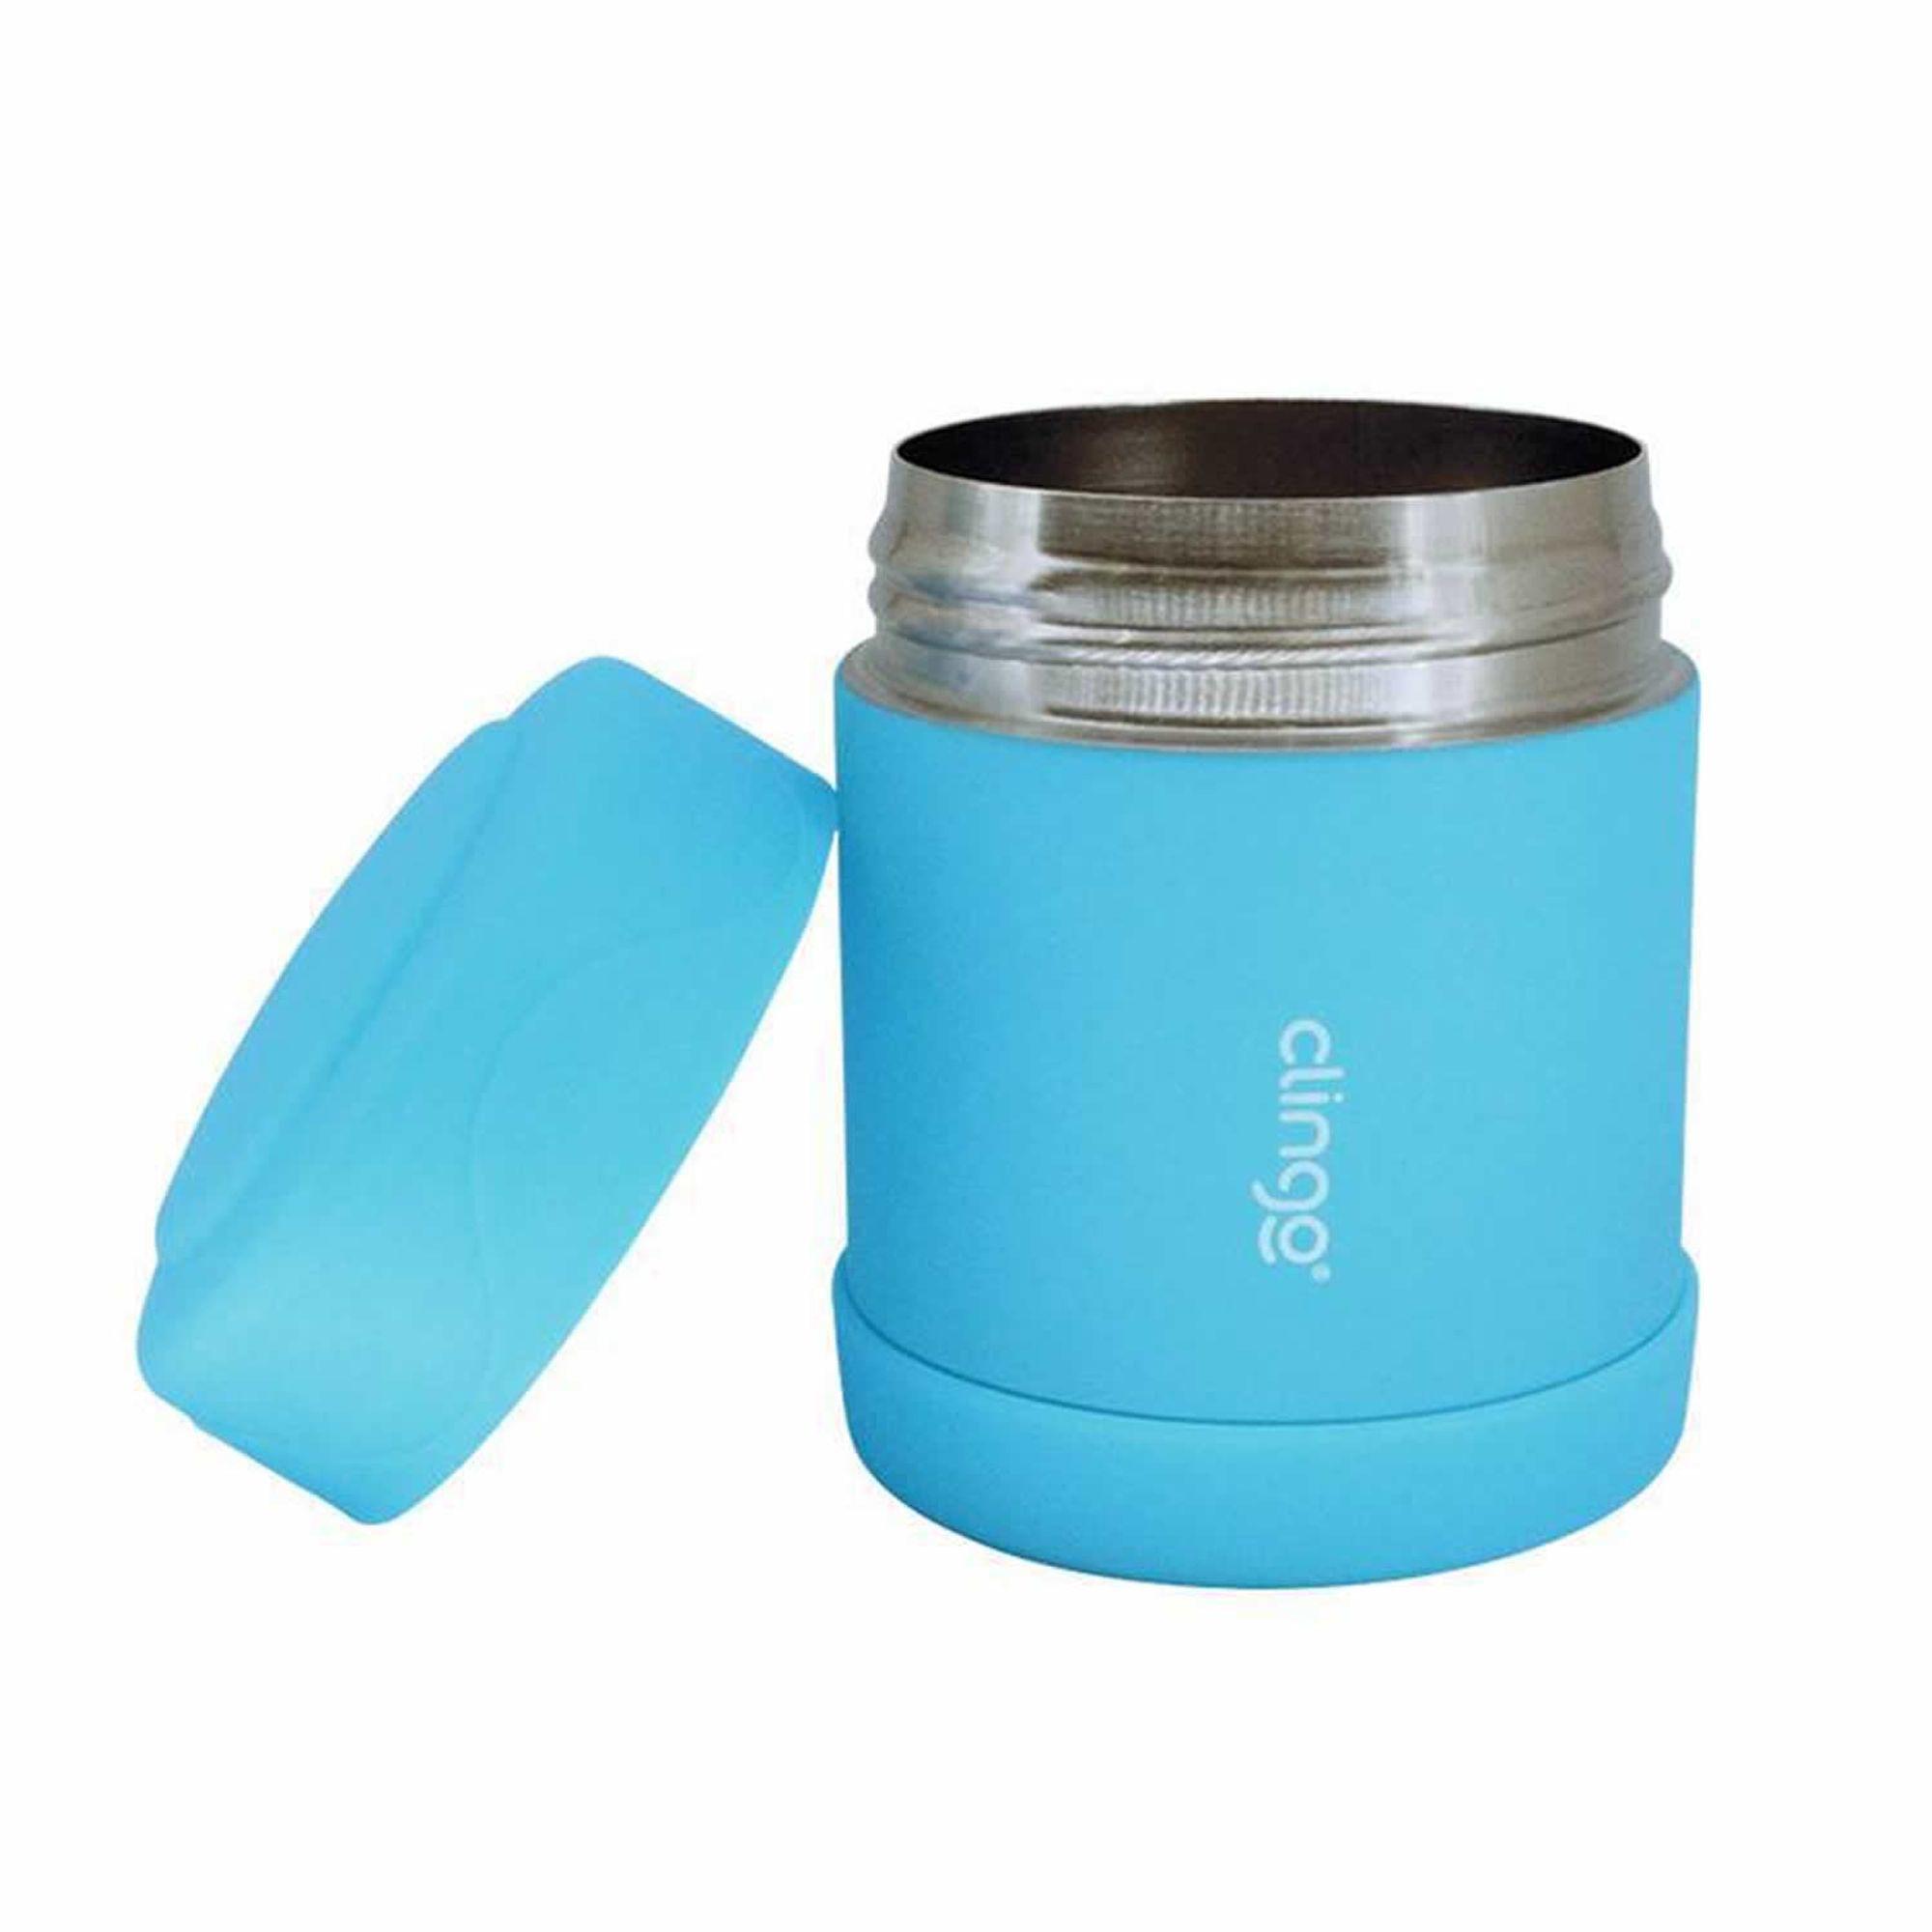 pote-termico-infantil-para-alimentos-azul-clingo-1